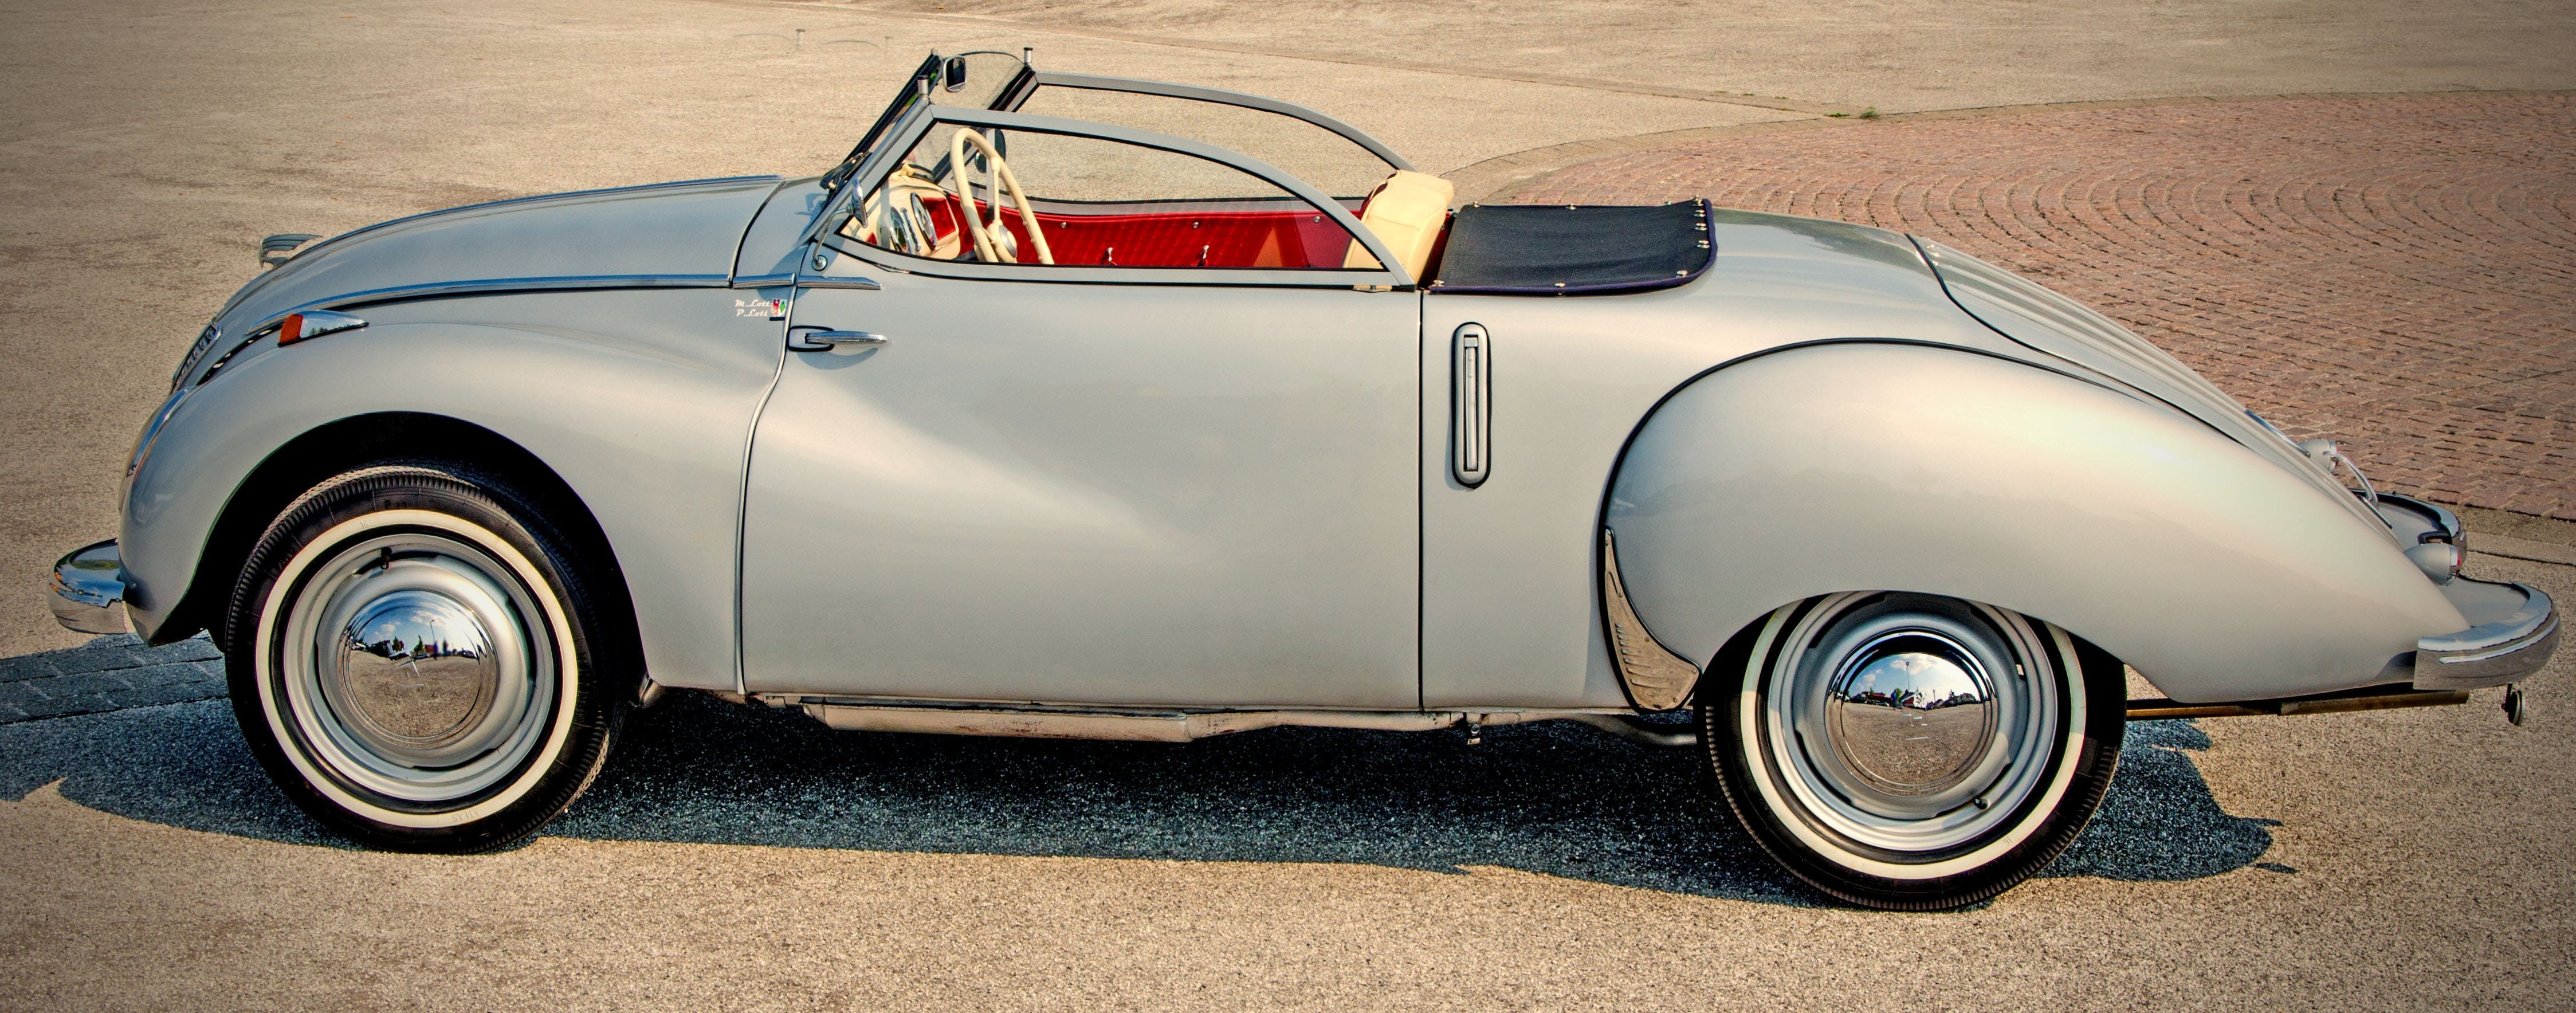 Kostenloses Stock Foto zu auto, fahrzeug, vintage, klassisch